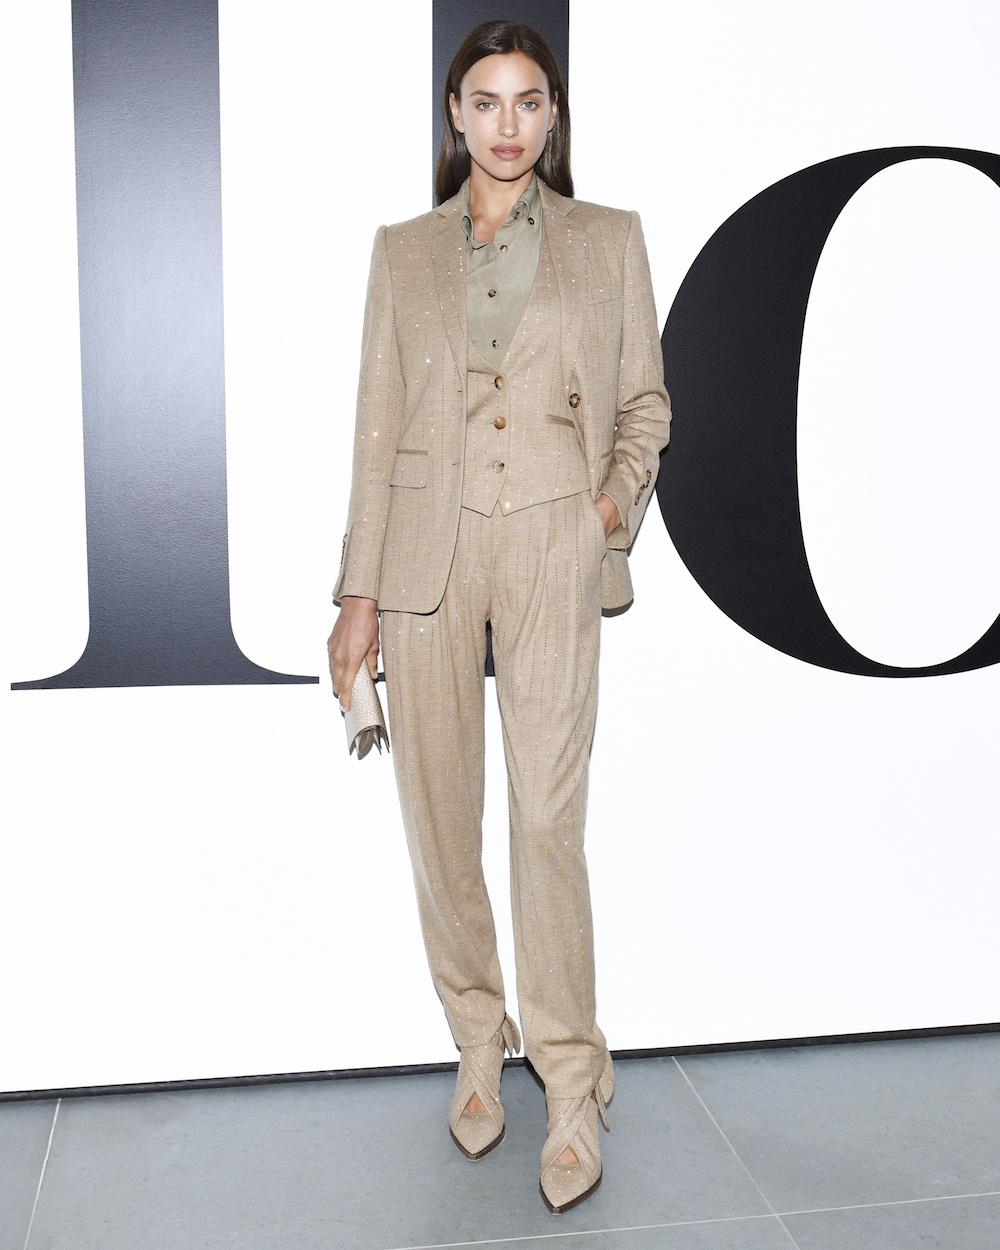 Thời trang Irina Shayk: Luôn trung thành với Burberry 1